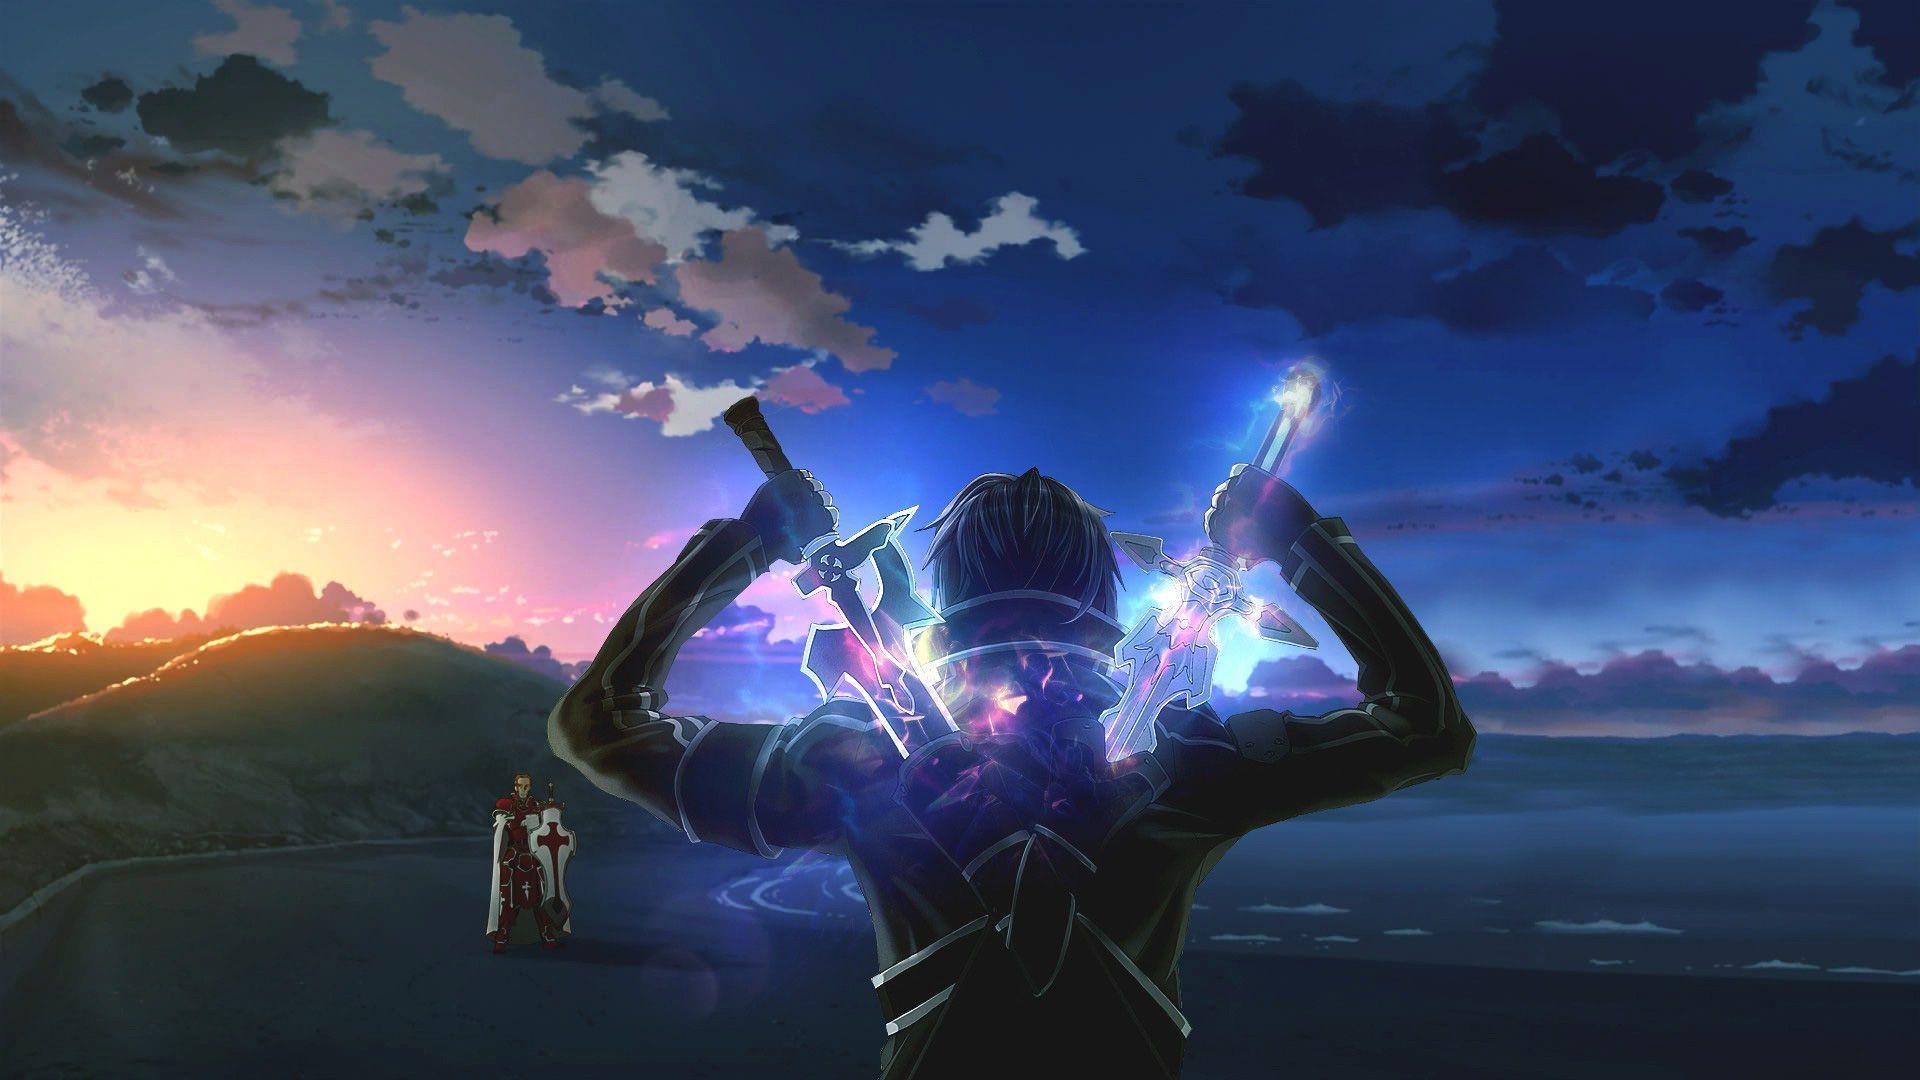 Sword Art Online Wallpaper Hd Wallpapersafari